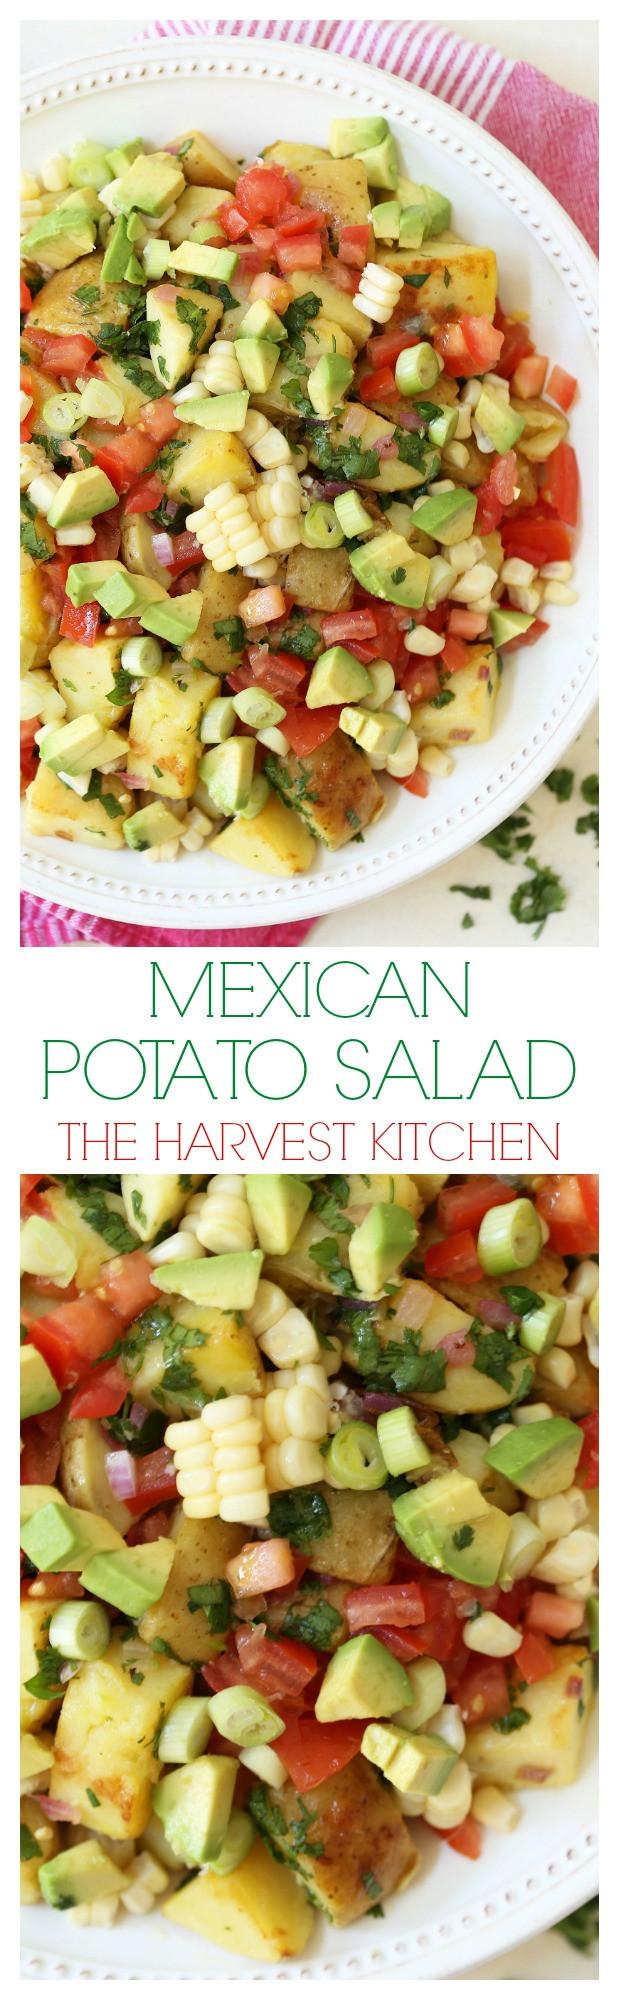 Mexican Potato Salad  Mexican Potato Salad The Harvest Kitchen